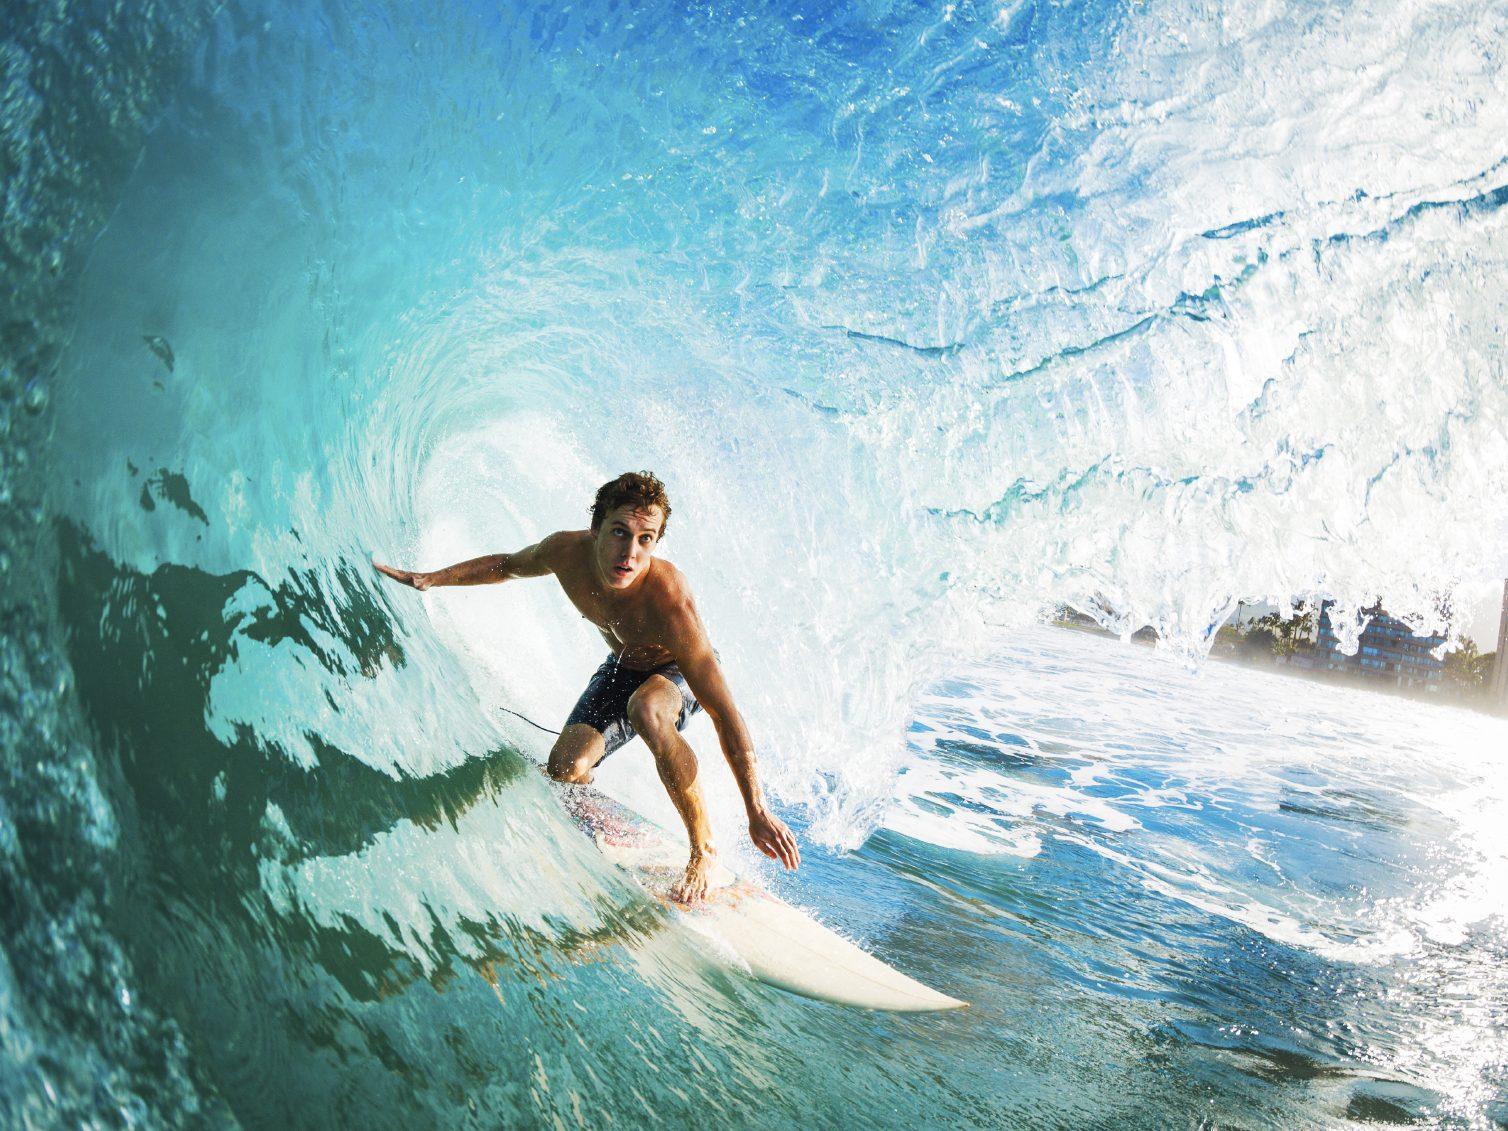 3. C'est le berceau du surf